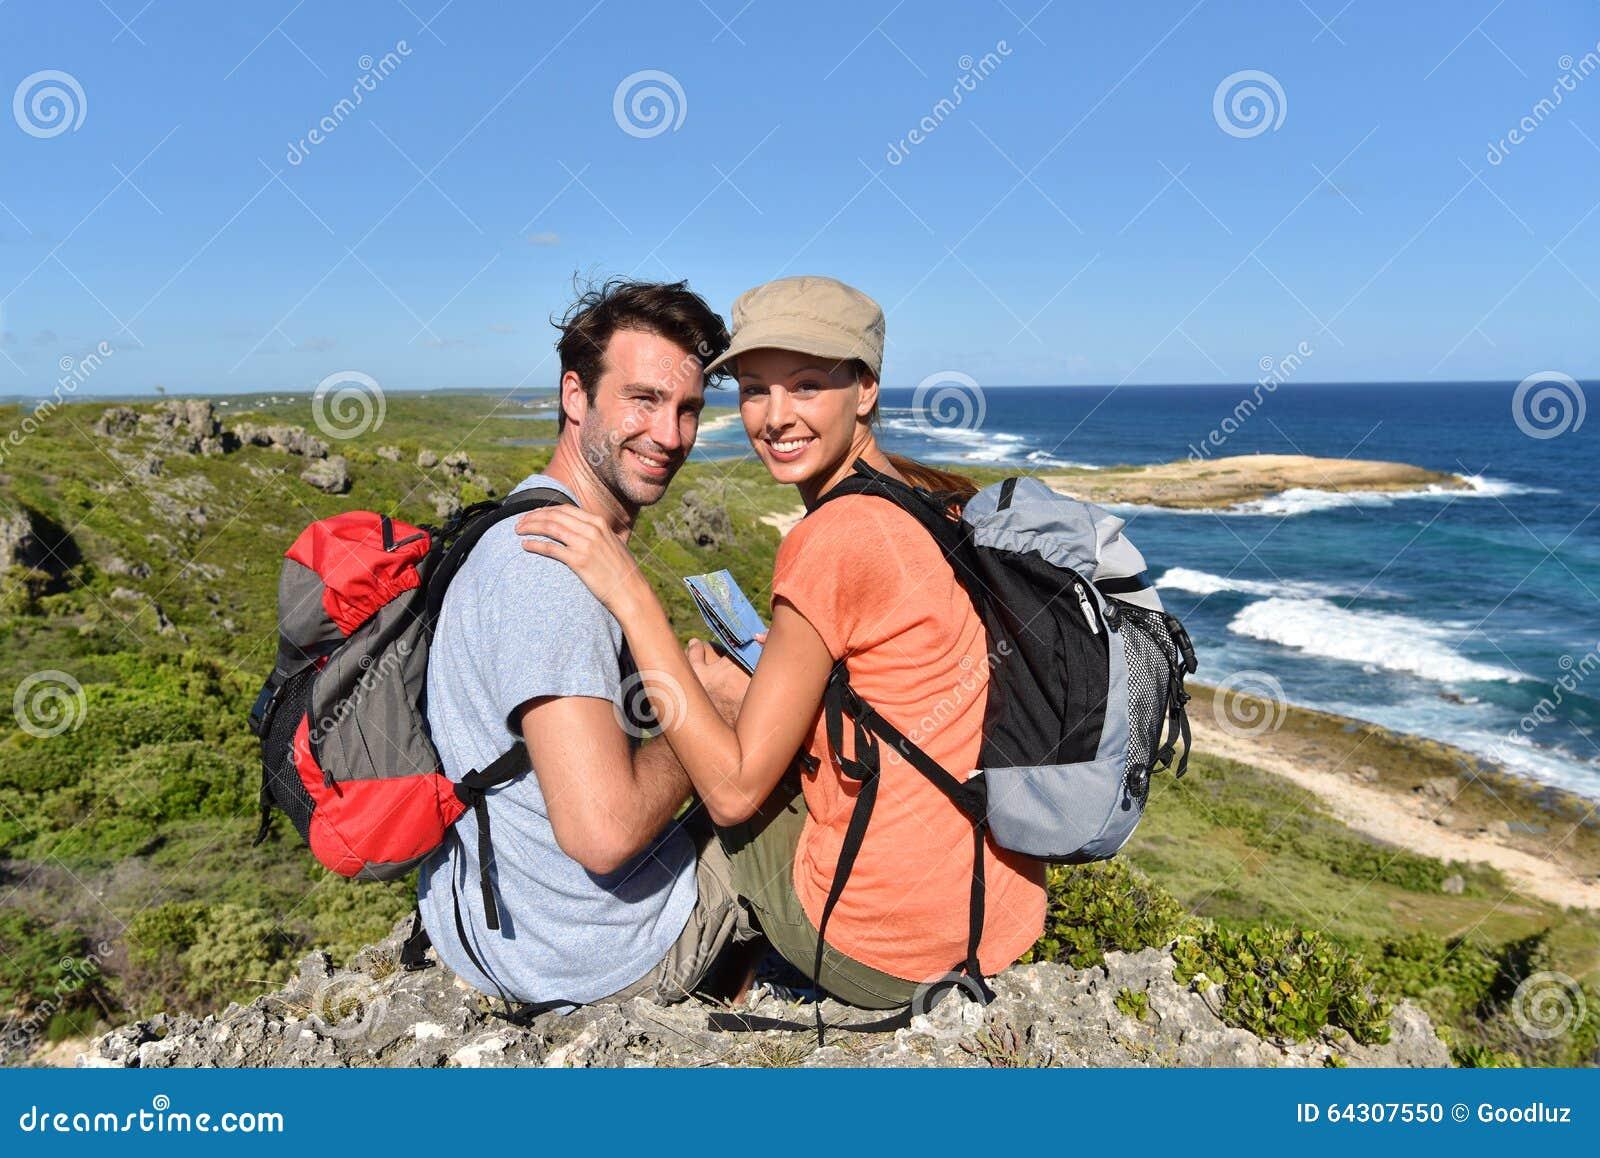 旅行的远足者享受在海岛上的看法